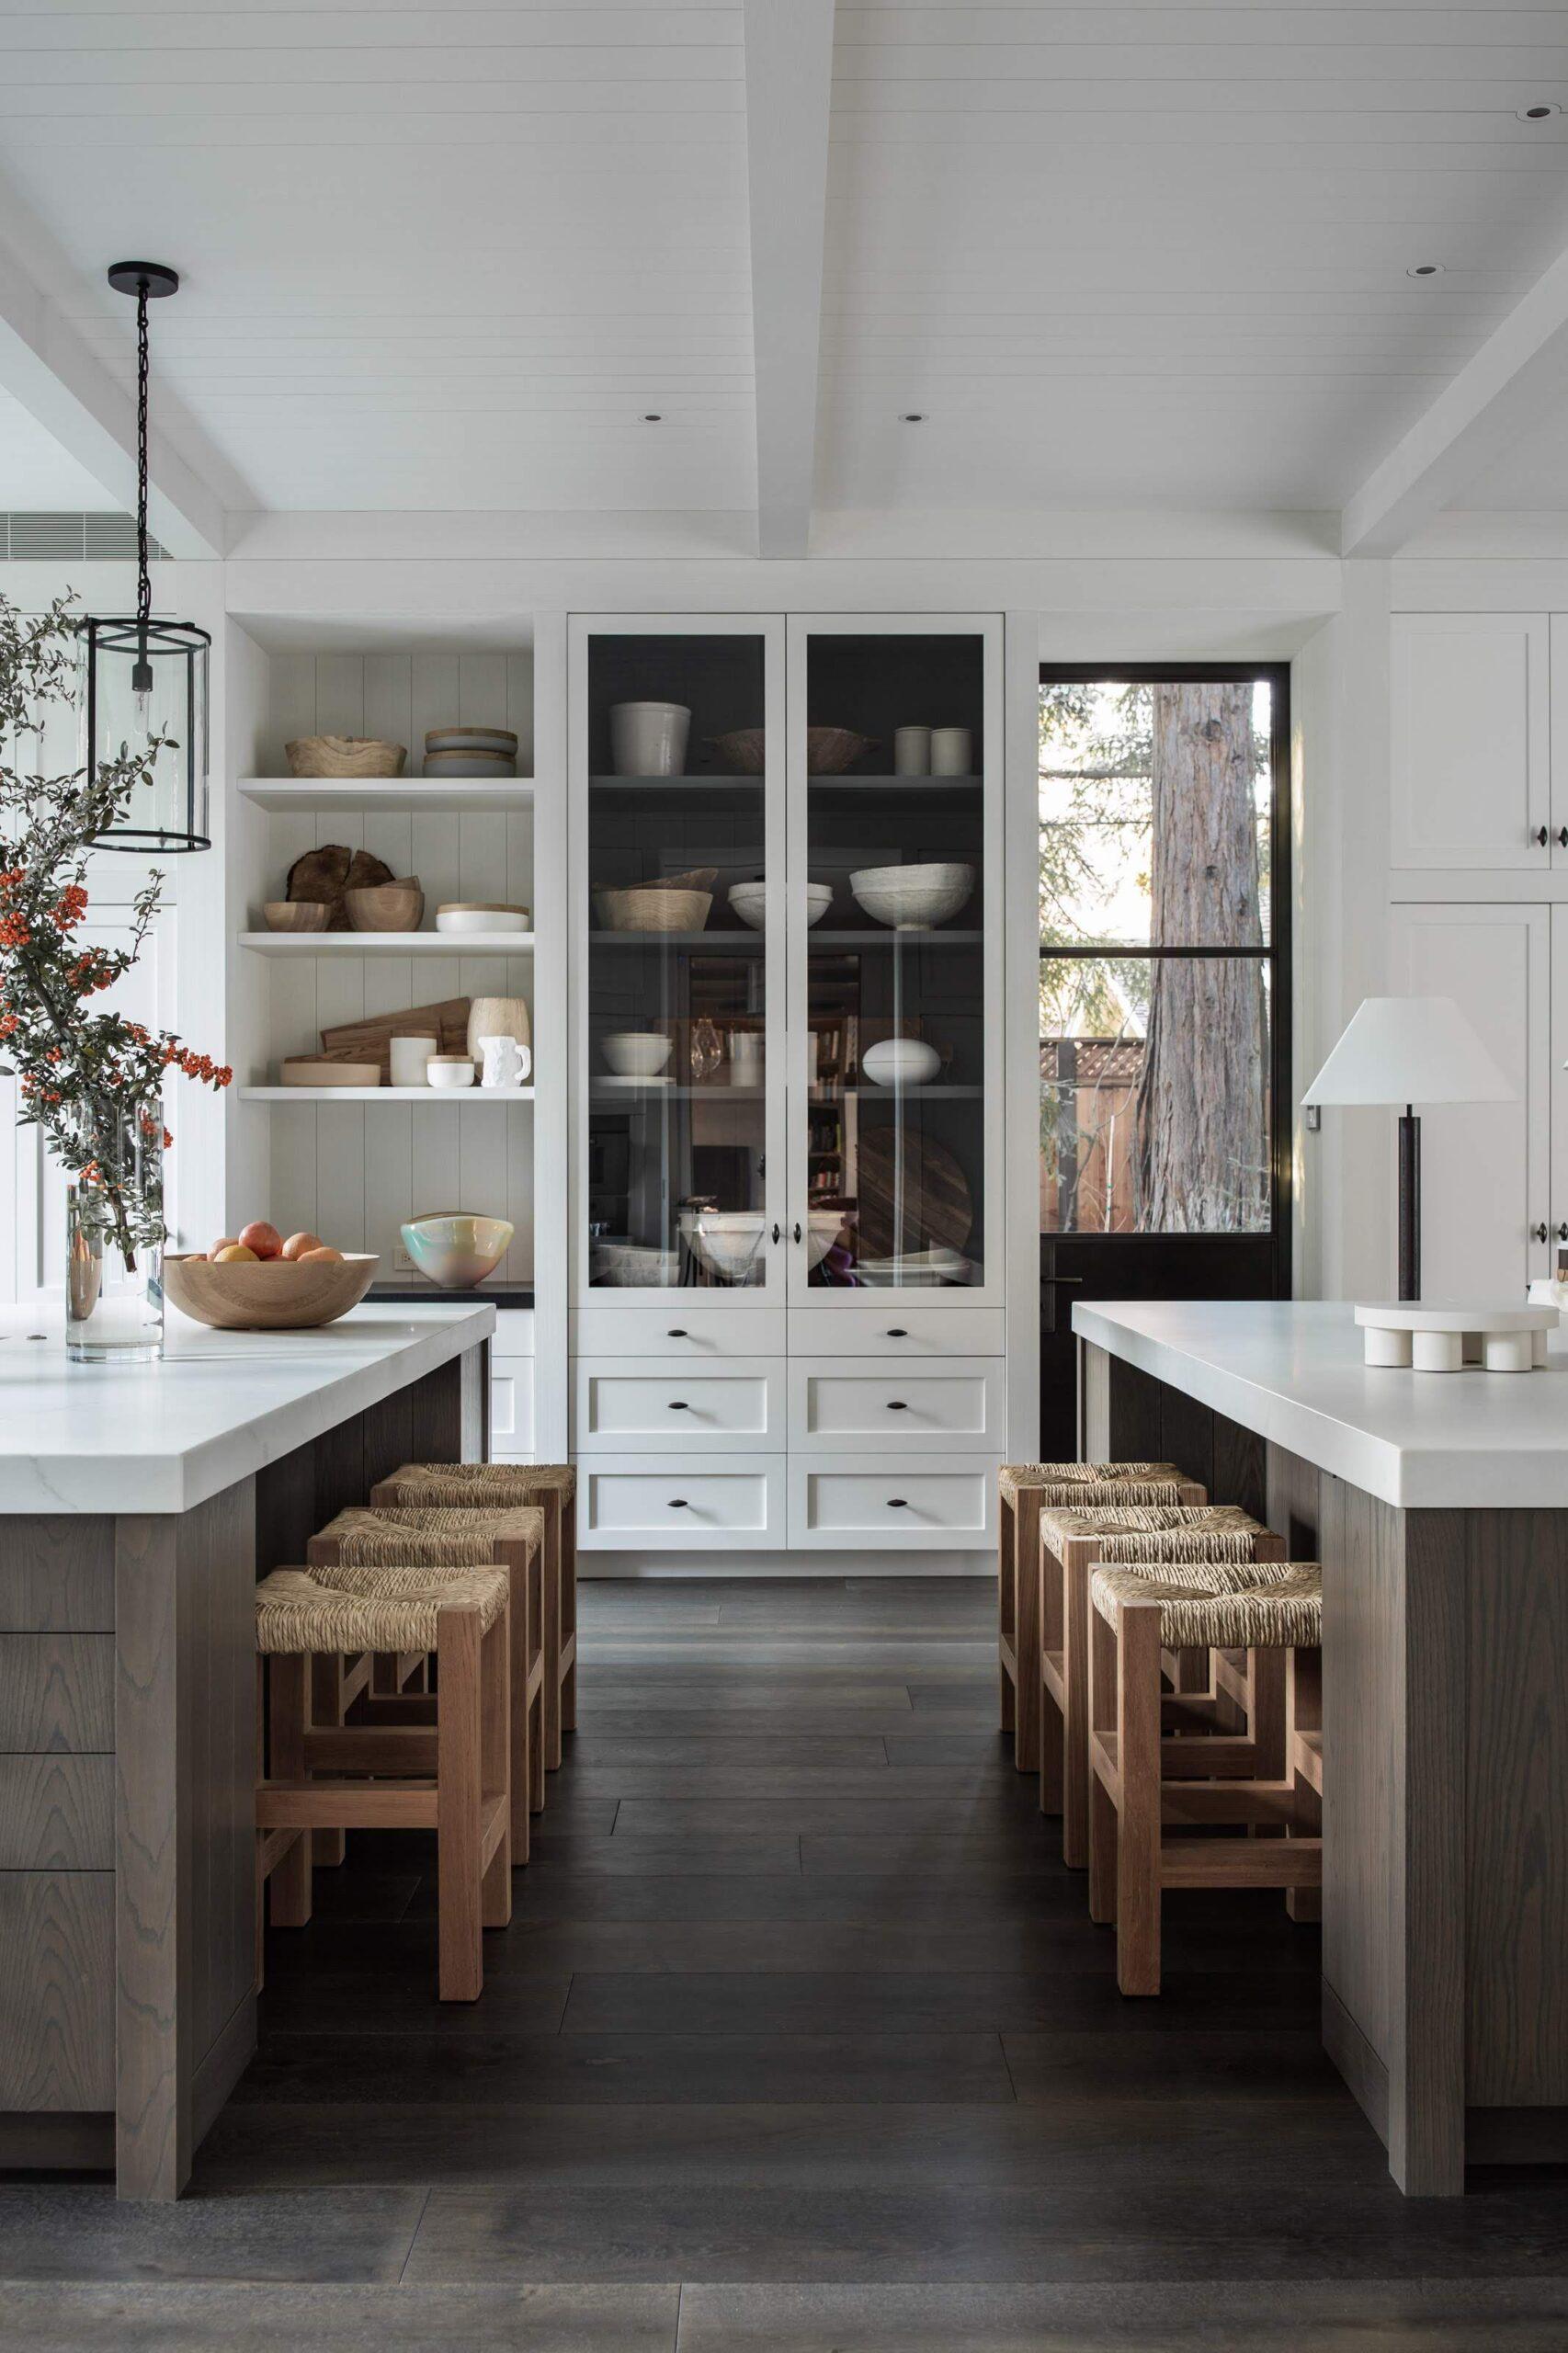 Full Size of Küchen Aufbewahrungsbehälter Designer Spotlight Melle Design Kchen Inspiration Regal Küche Wohnzimmer Küchen Aufbewahrungsbehälter